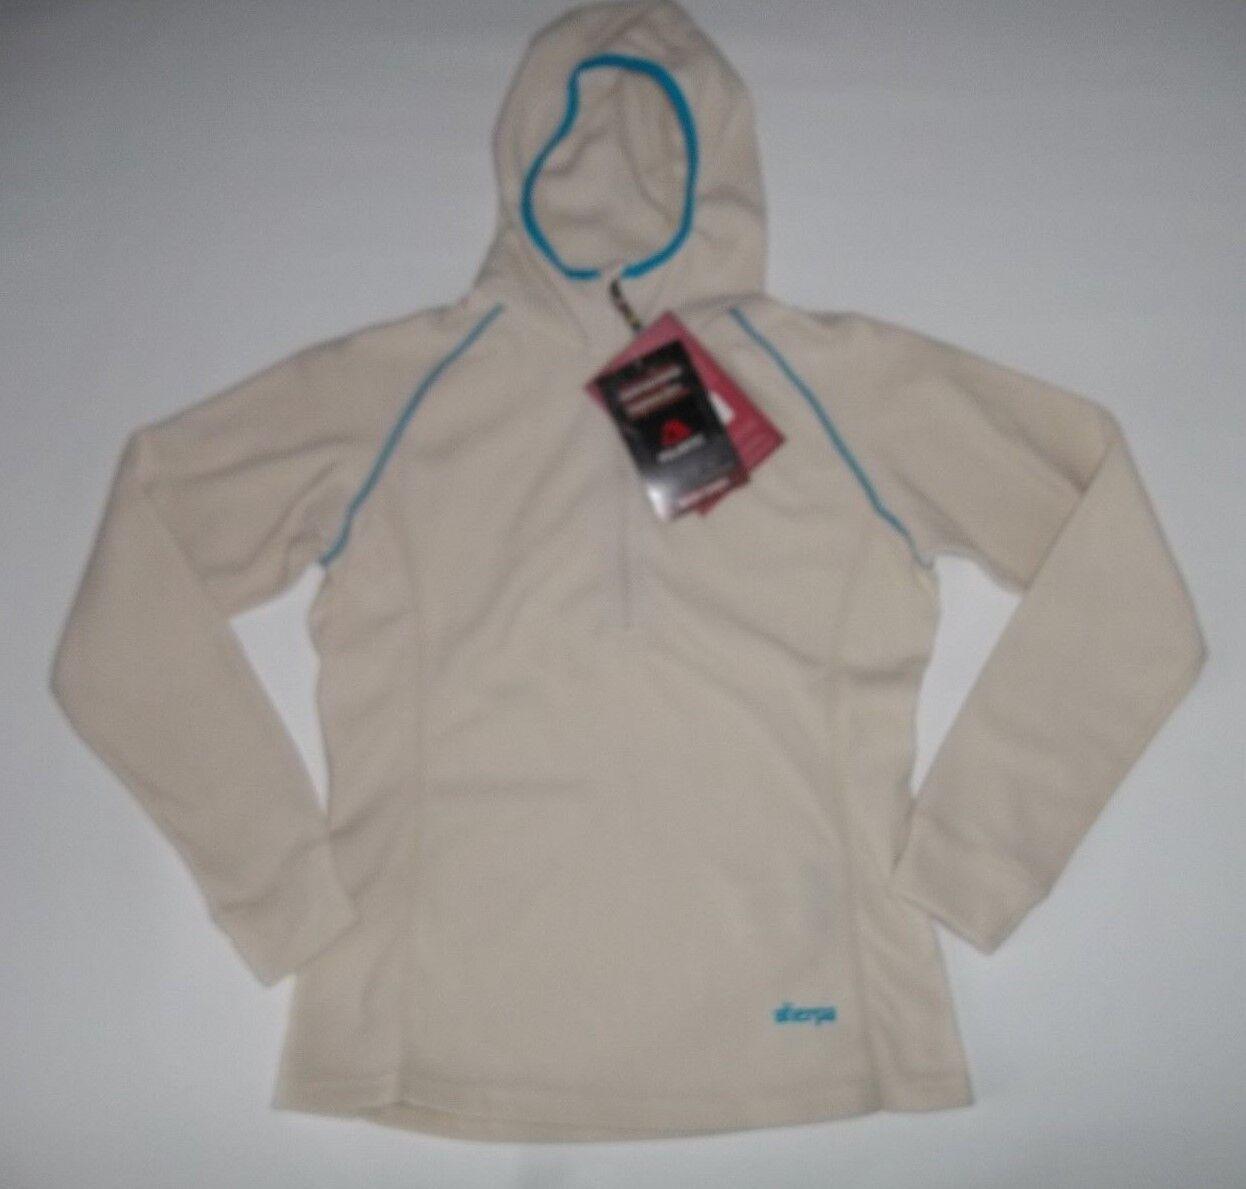 Sherpa Abenteuer Ausrüstung Namche 1 2 Zip Polartec Fleece Kapuzenshirt